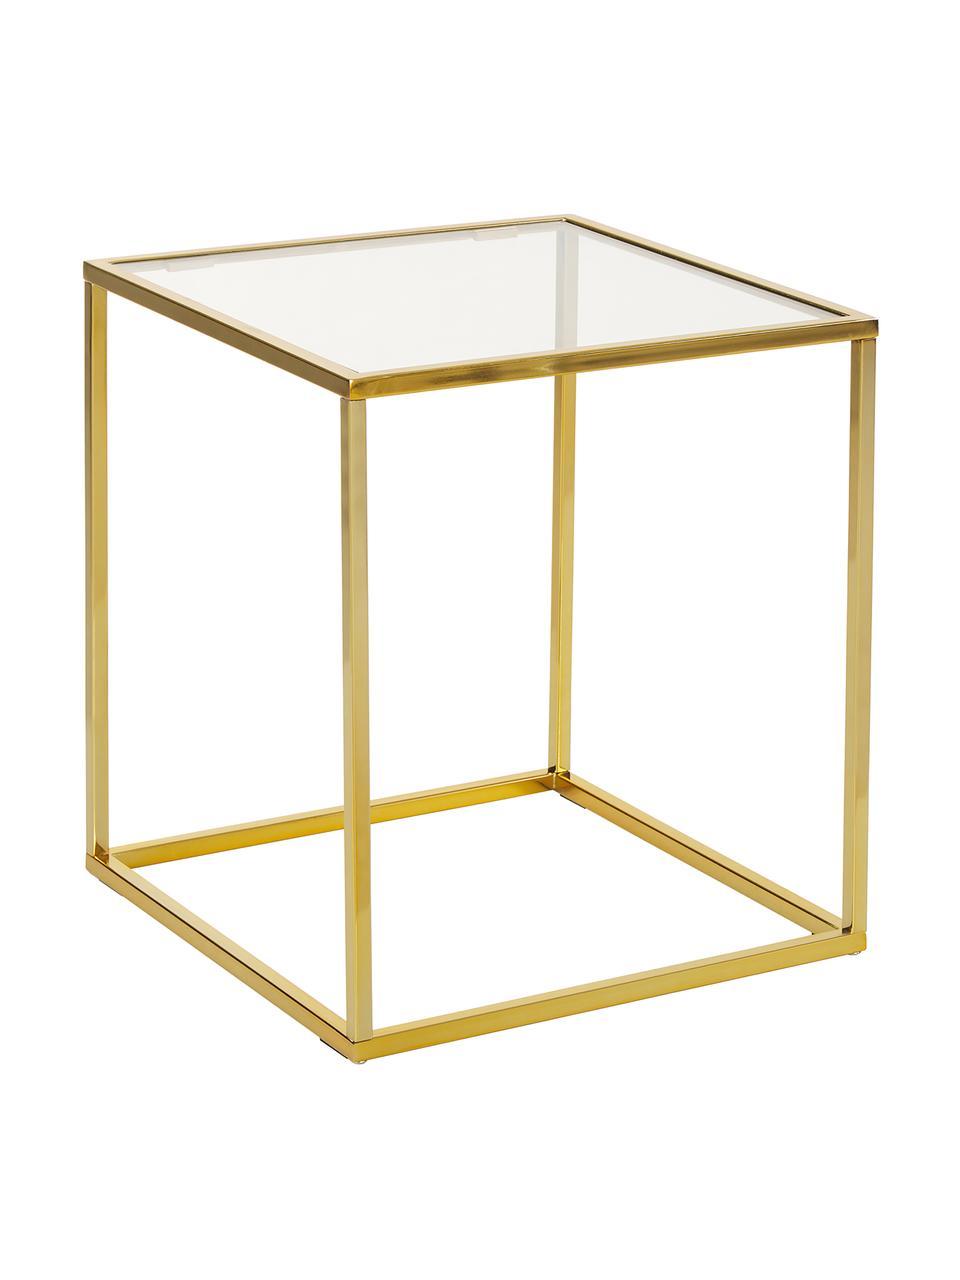 Tavolino con piano in vetro Maya, Struttura: metallo zincato, Piano: vetro trasparente Struttura: dorato lucido, Larg. 45 x Alt. 50 cm